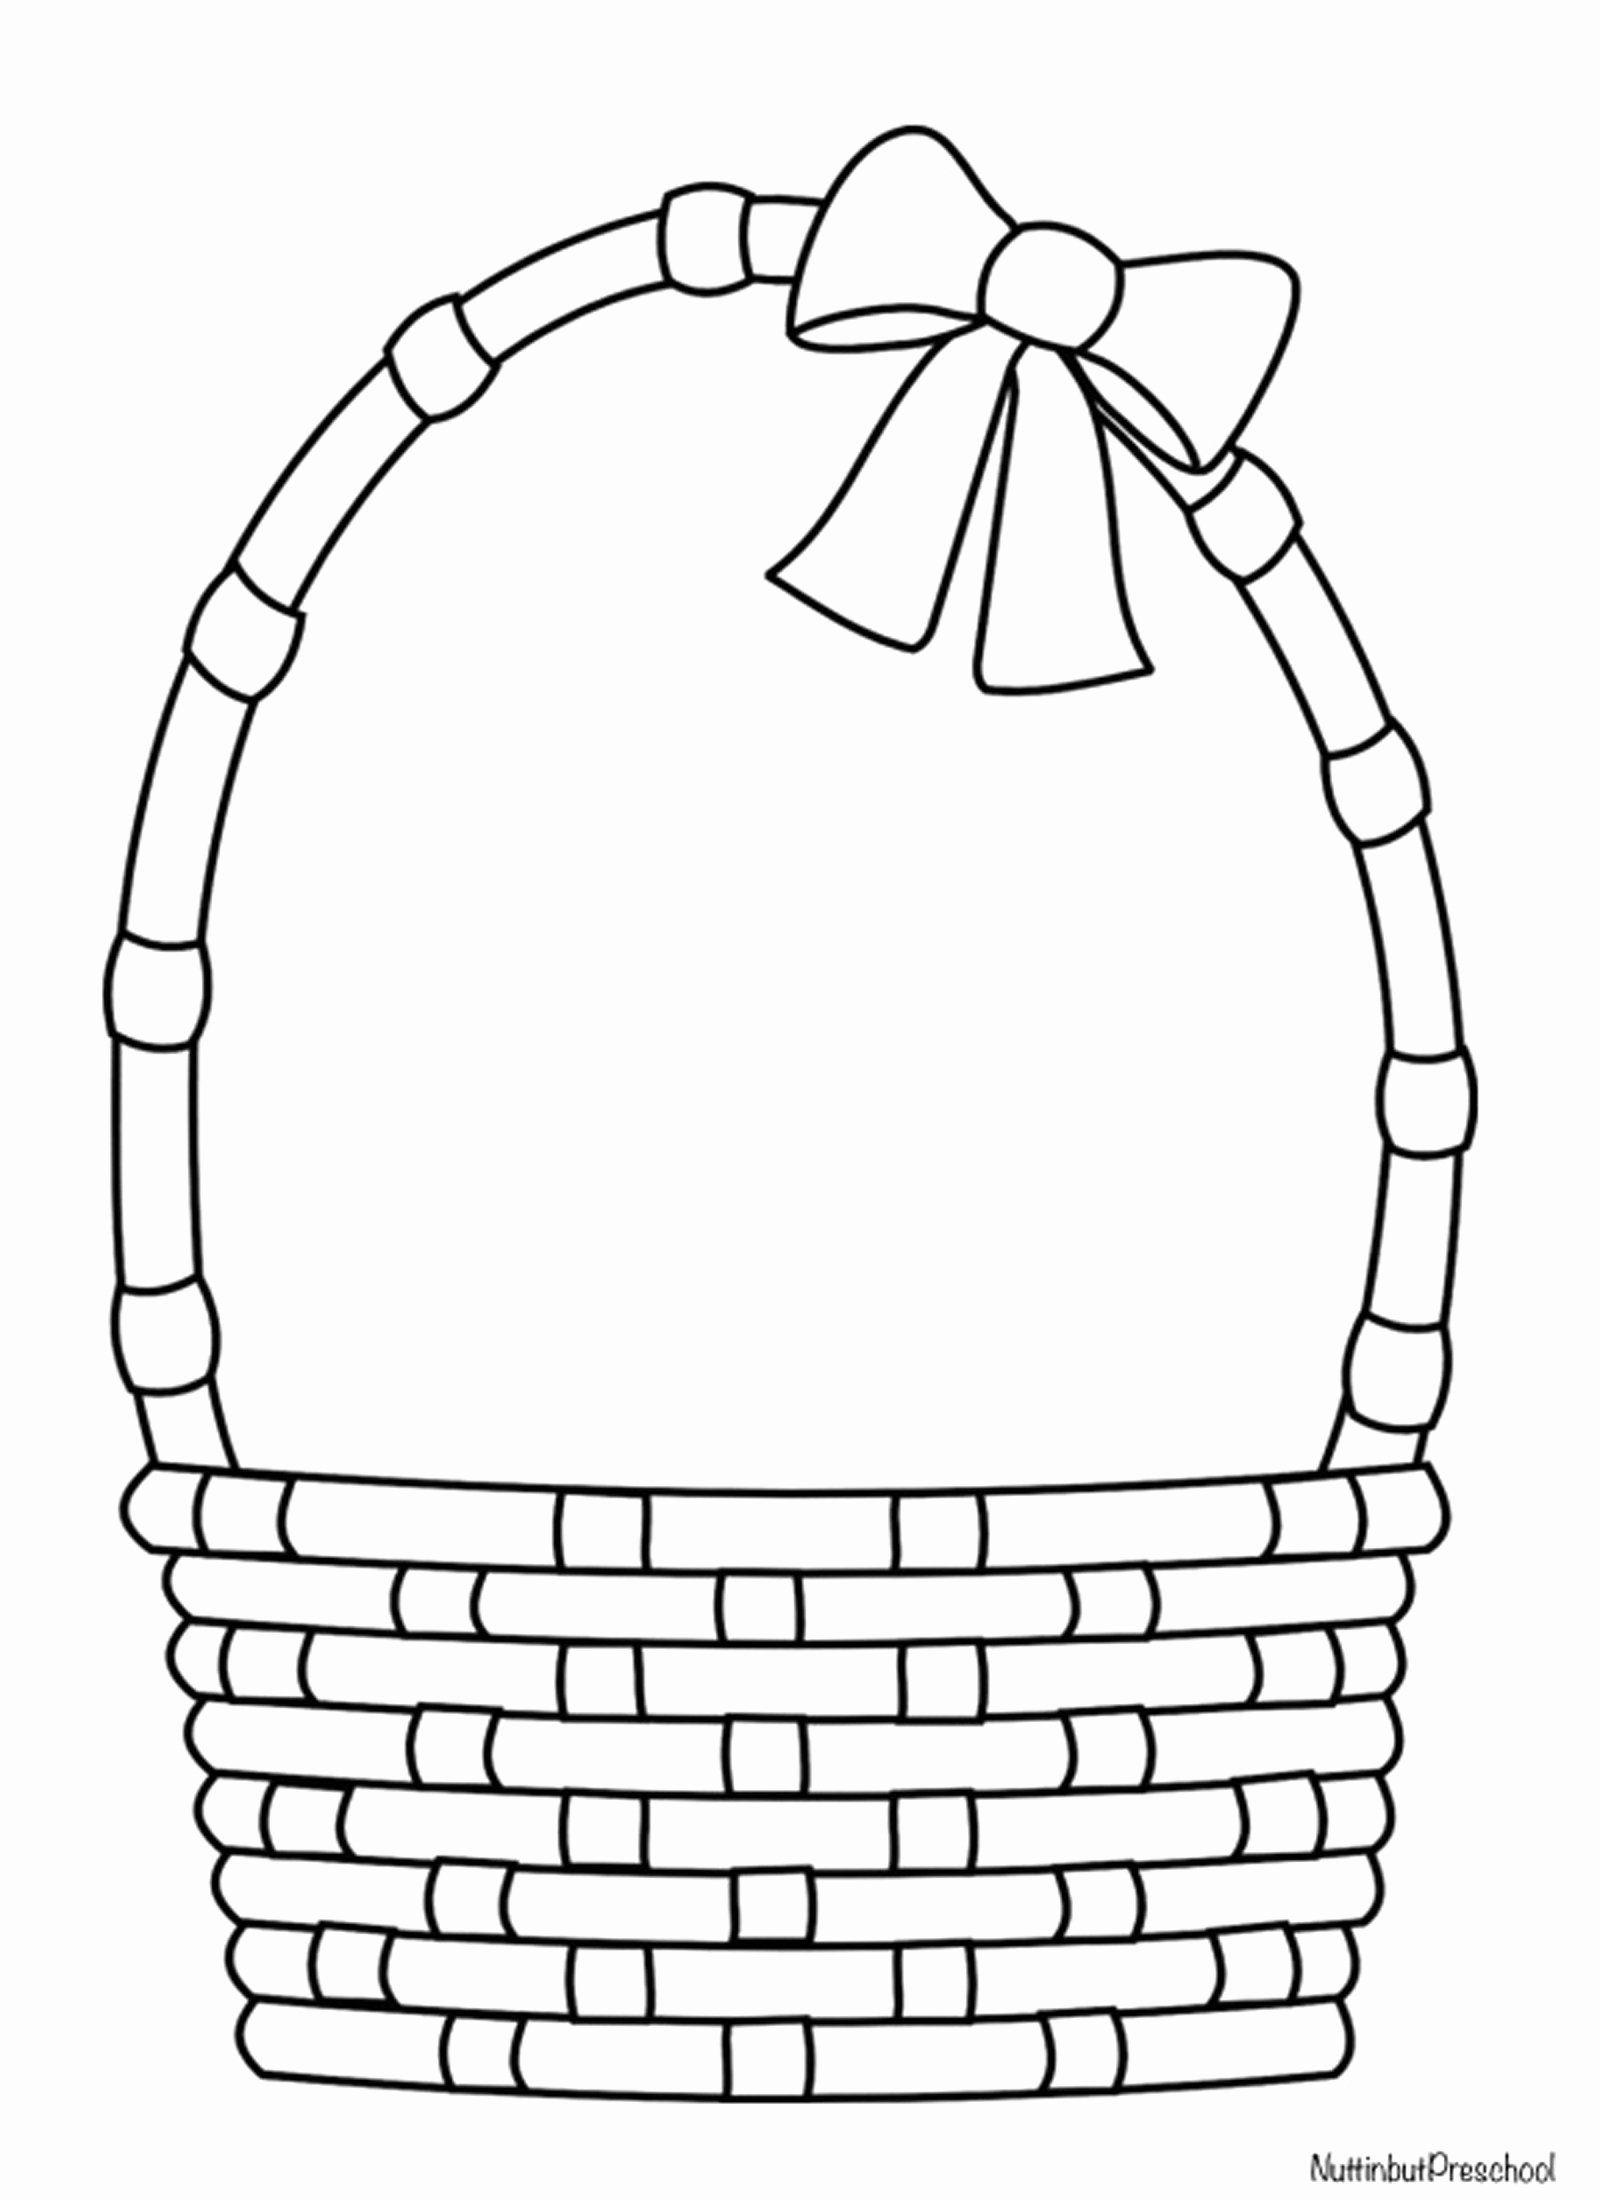 28 Easter Basket Coloring Page Easter basket pattern